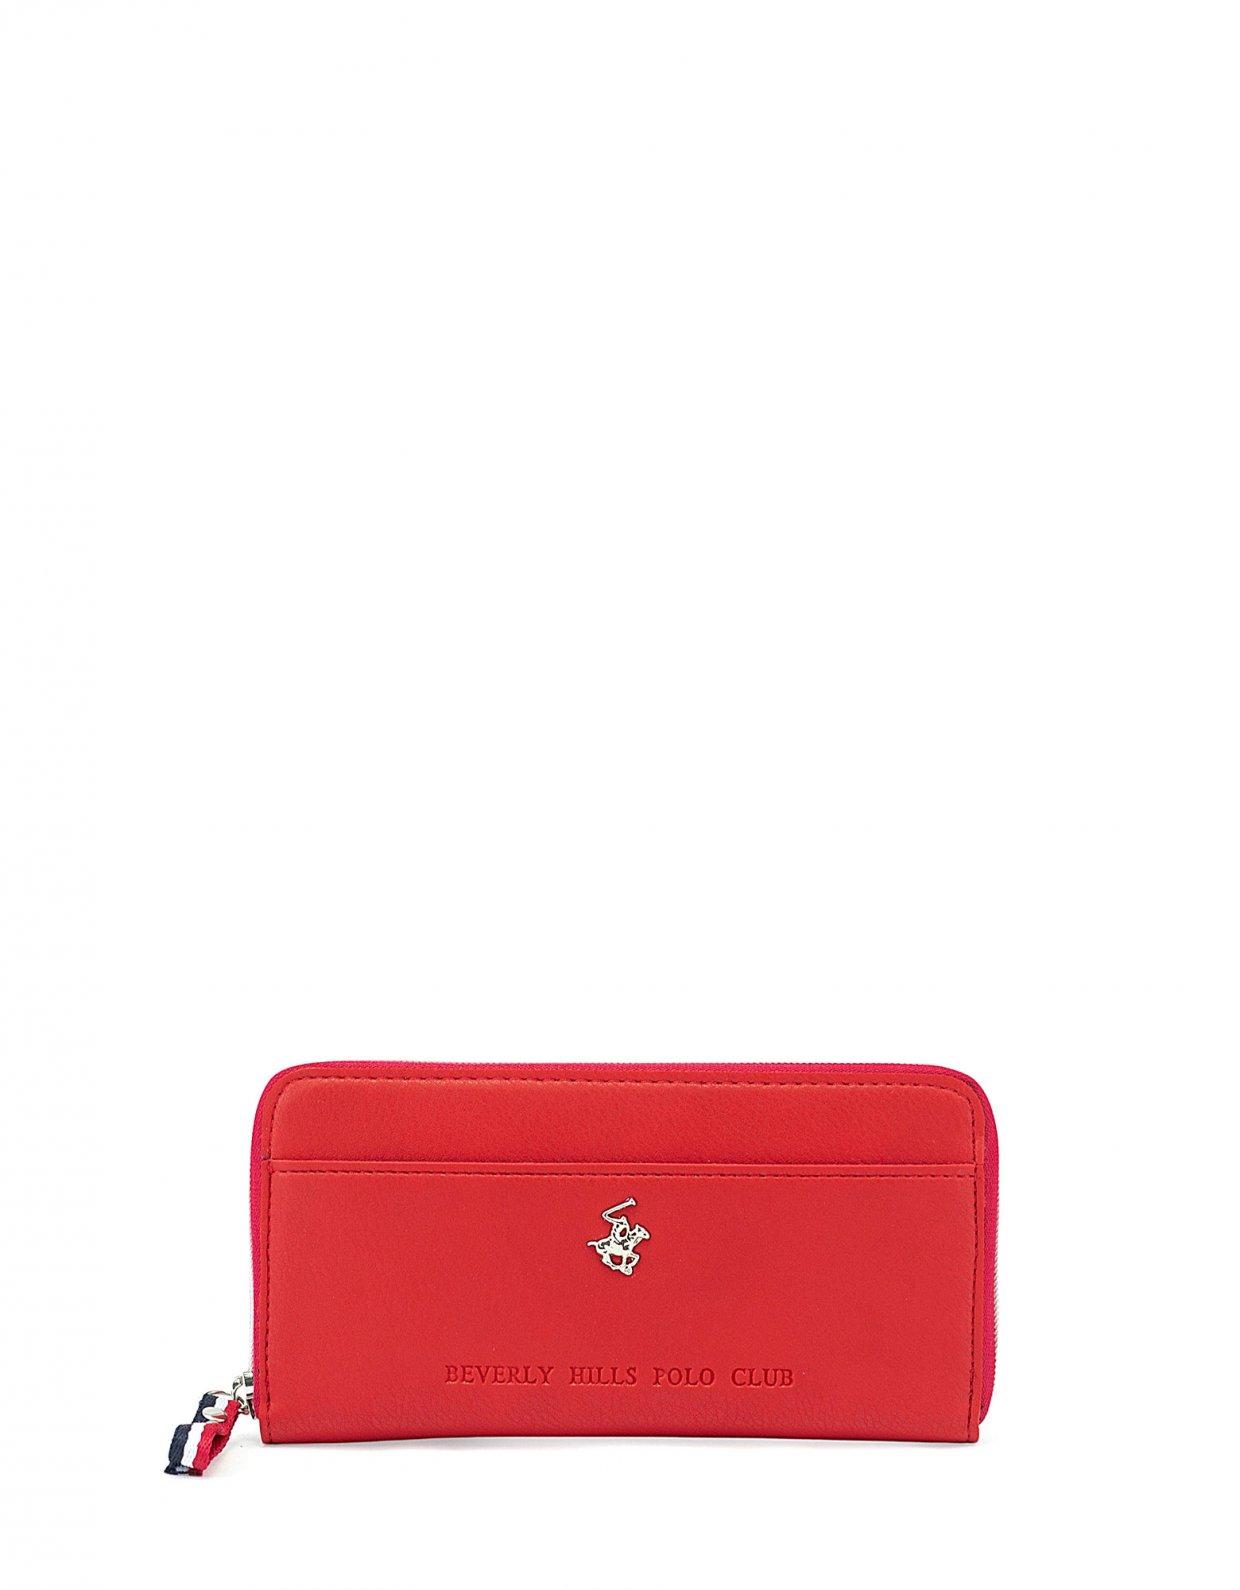 Beverly Hills Polo Club Aruba portafogli rosso